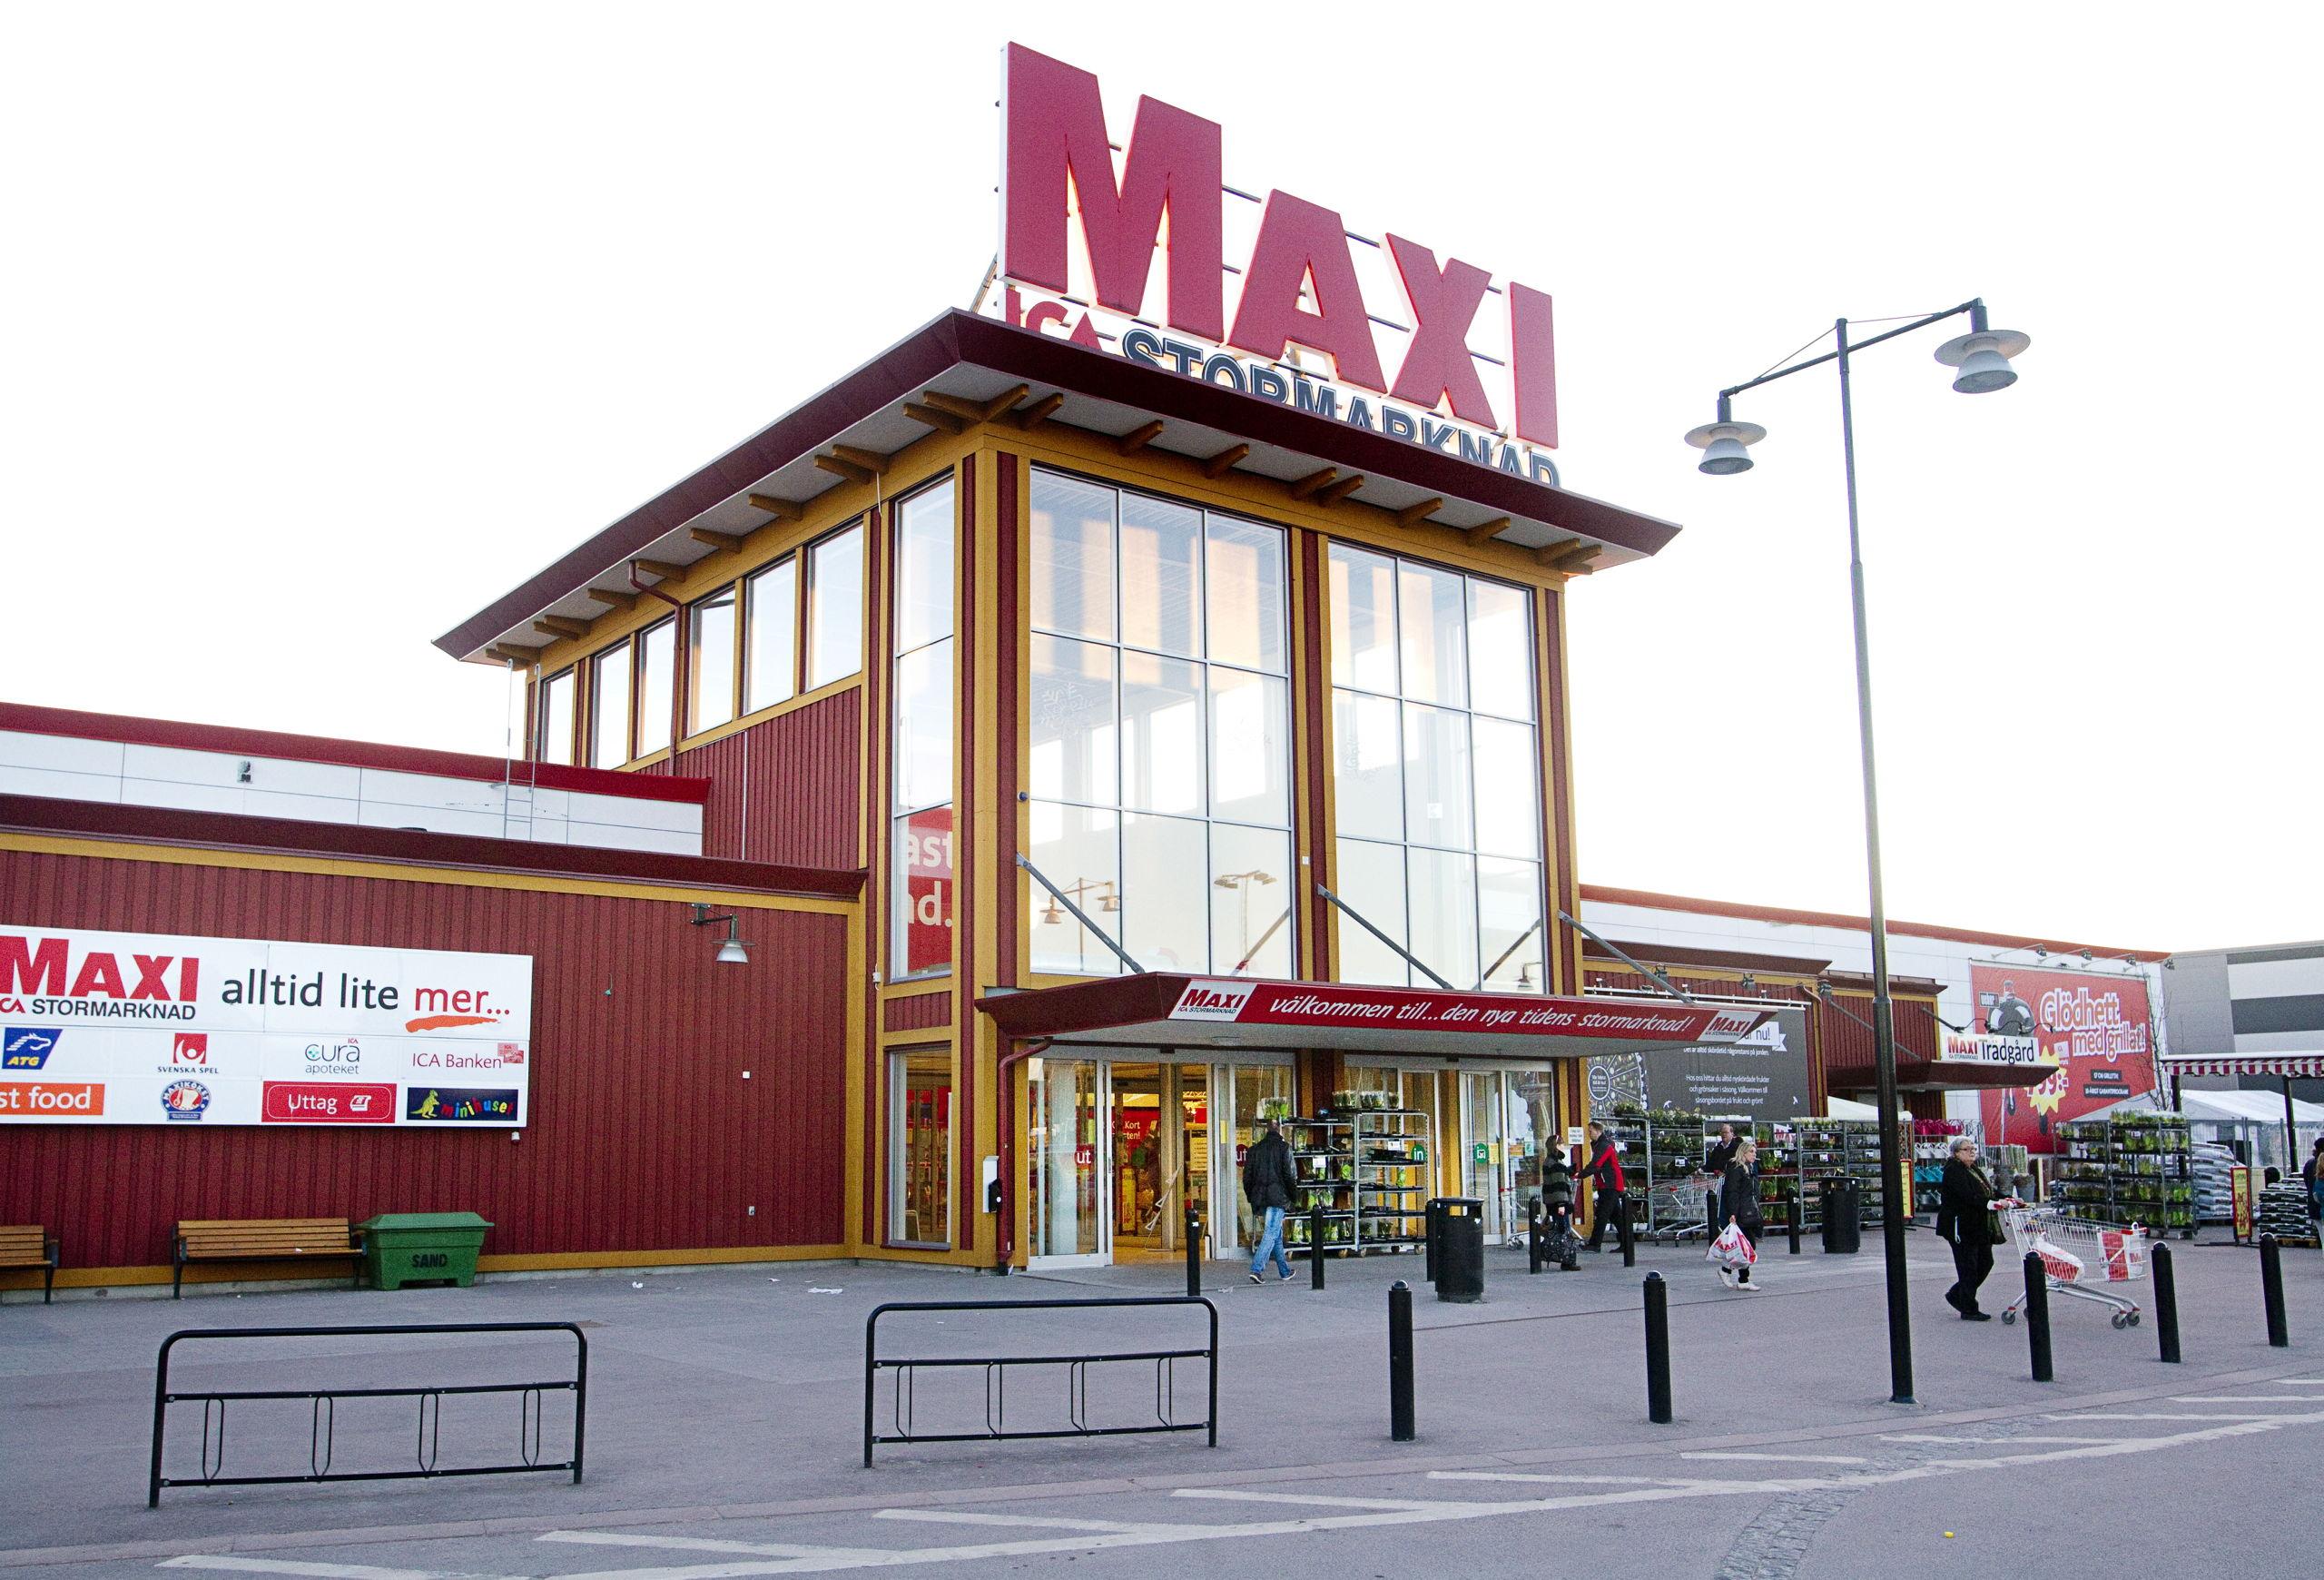 maxi erikslund västerås